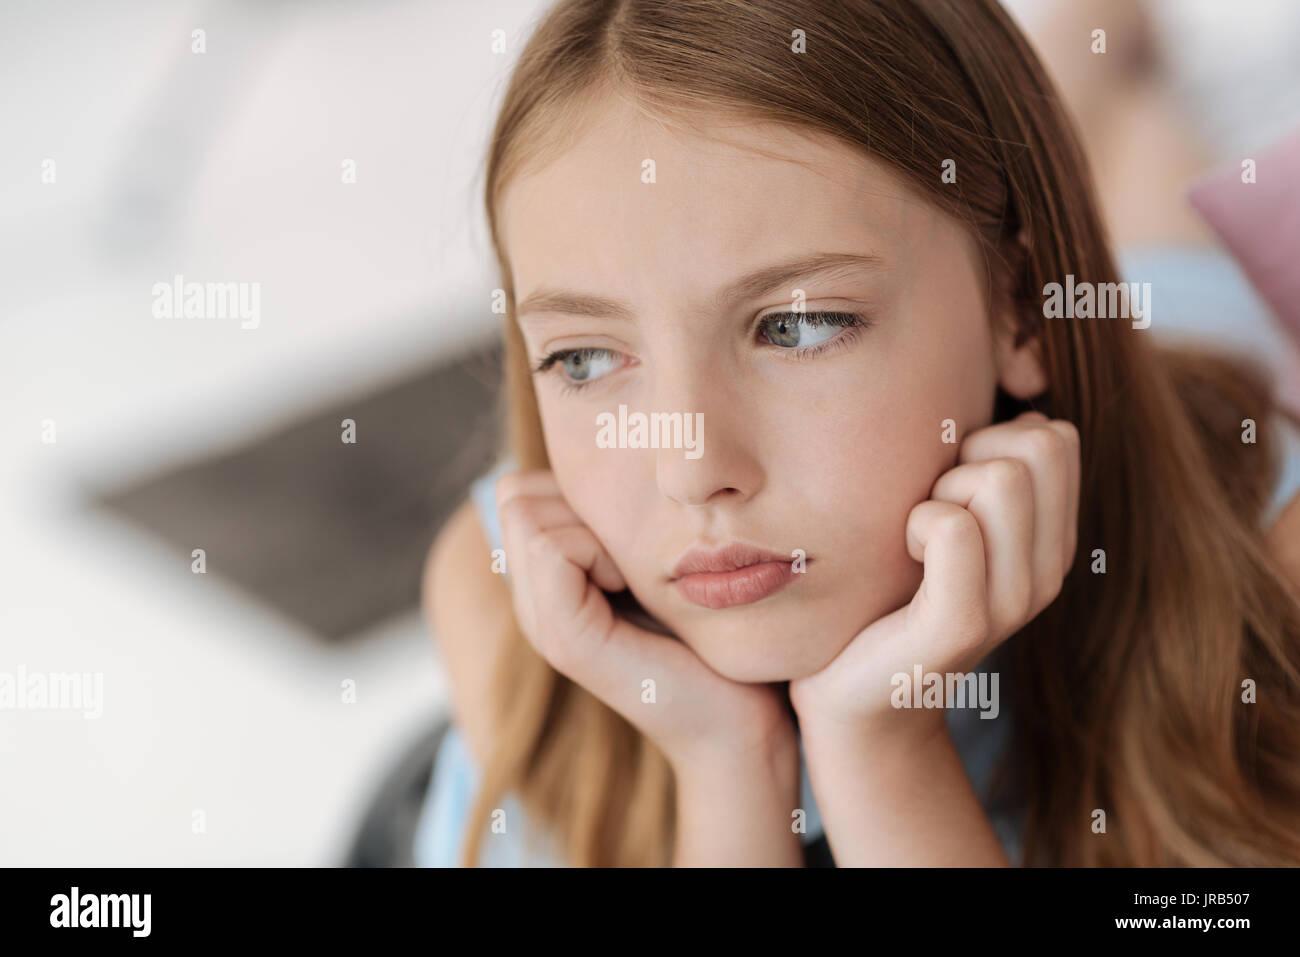 Sconvolto femmina giovane cercando in vacanza Immagini Stock